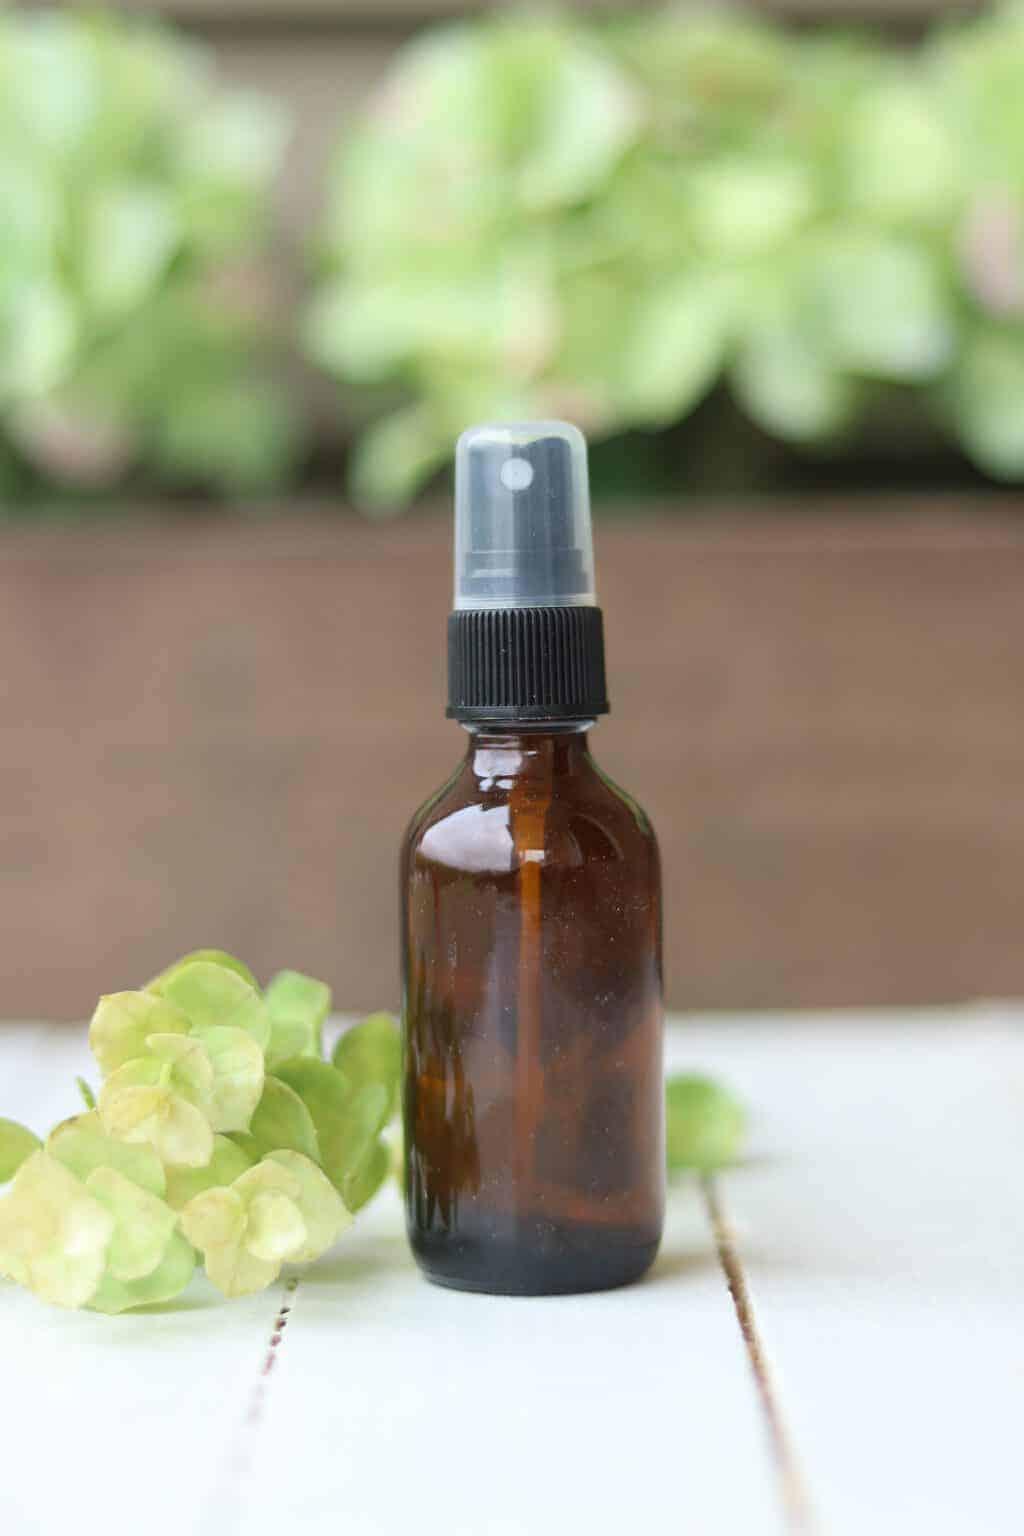 ... essential oil spray bottle